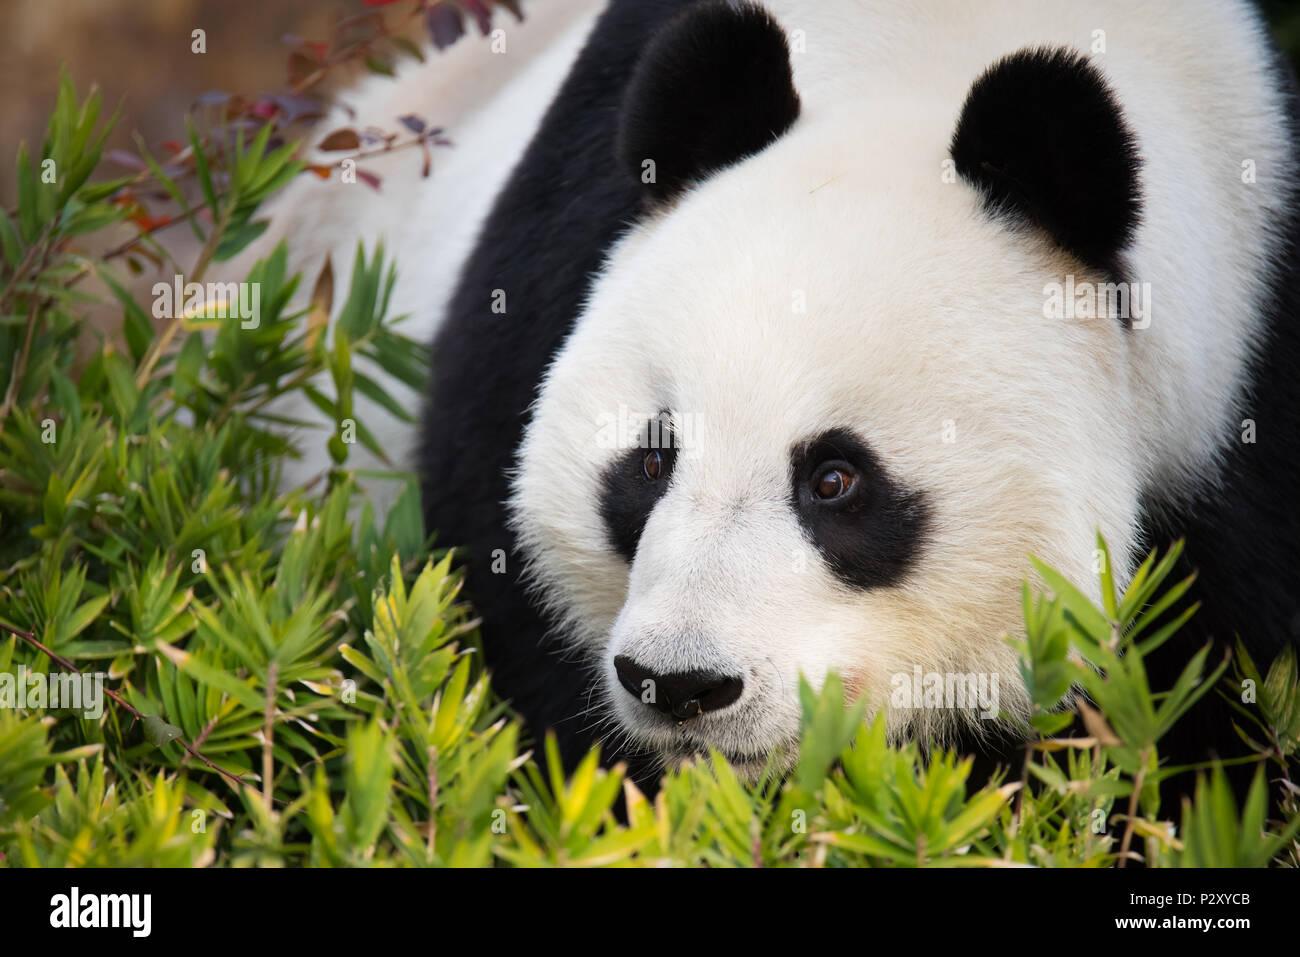 Un panda géant au zoo en Australie du Sud, qui est un de seulement deux pandas sur l'Australie. Pandas géants sont vulnérables à l'extinction dans la nature. Photo Stock